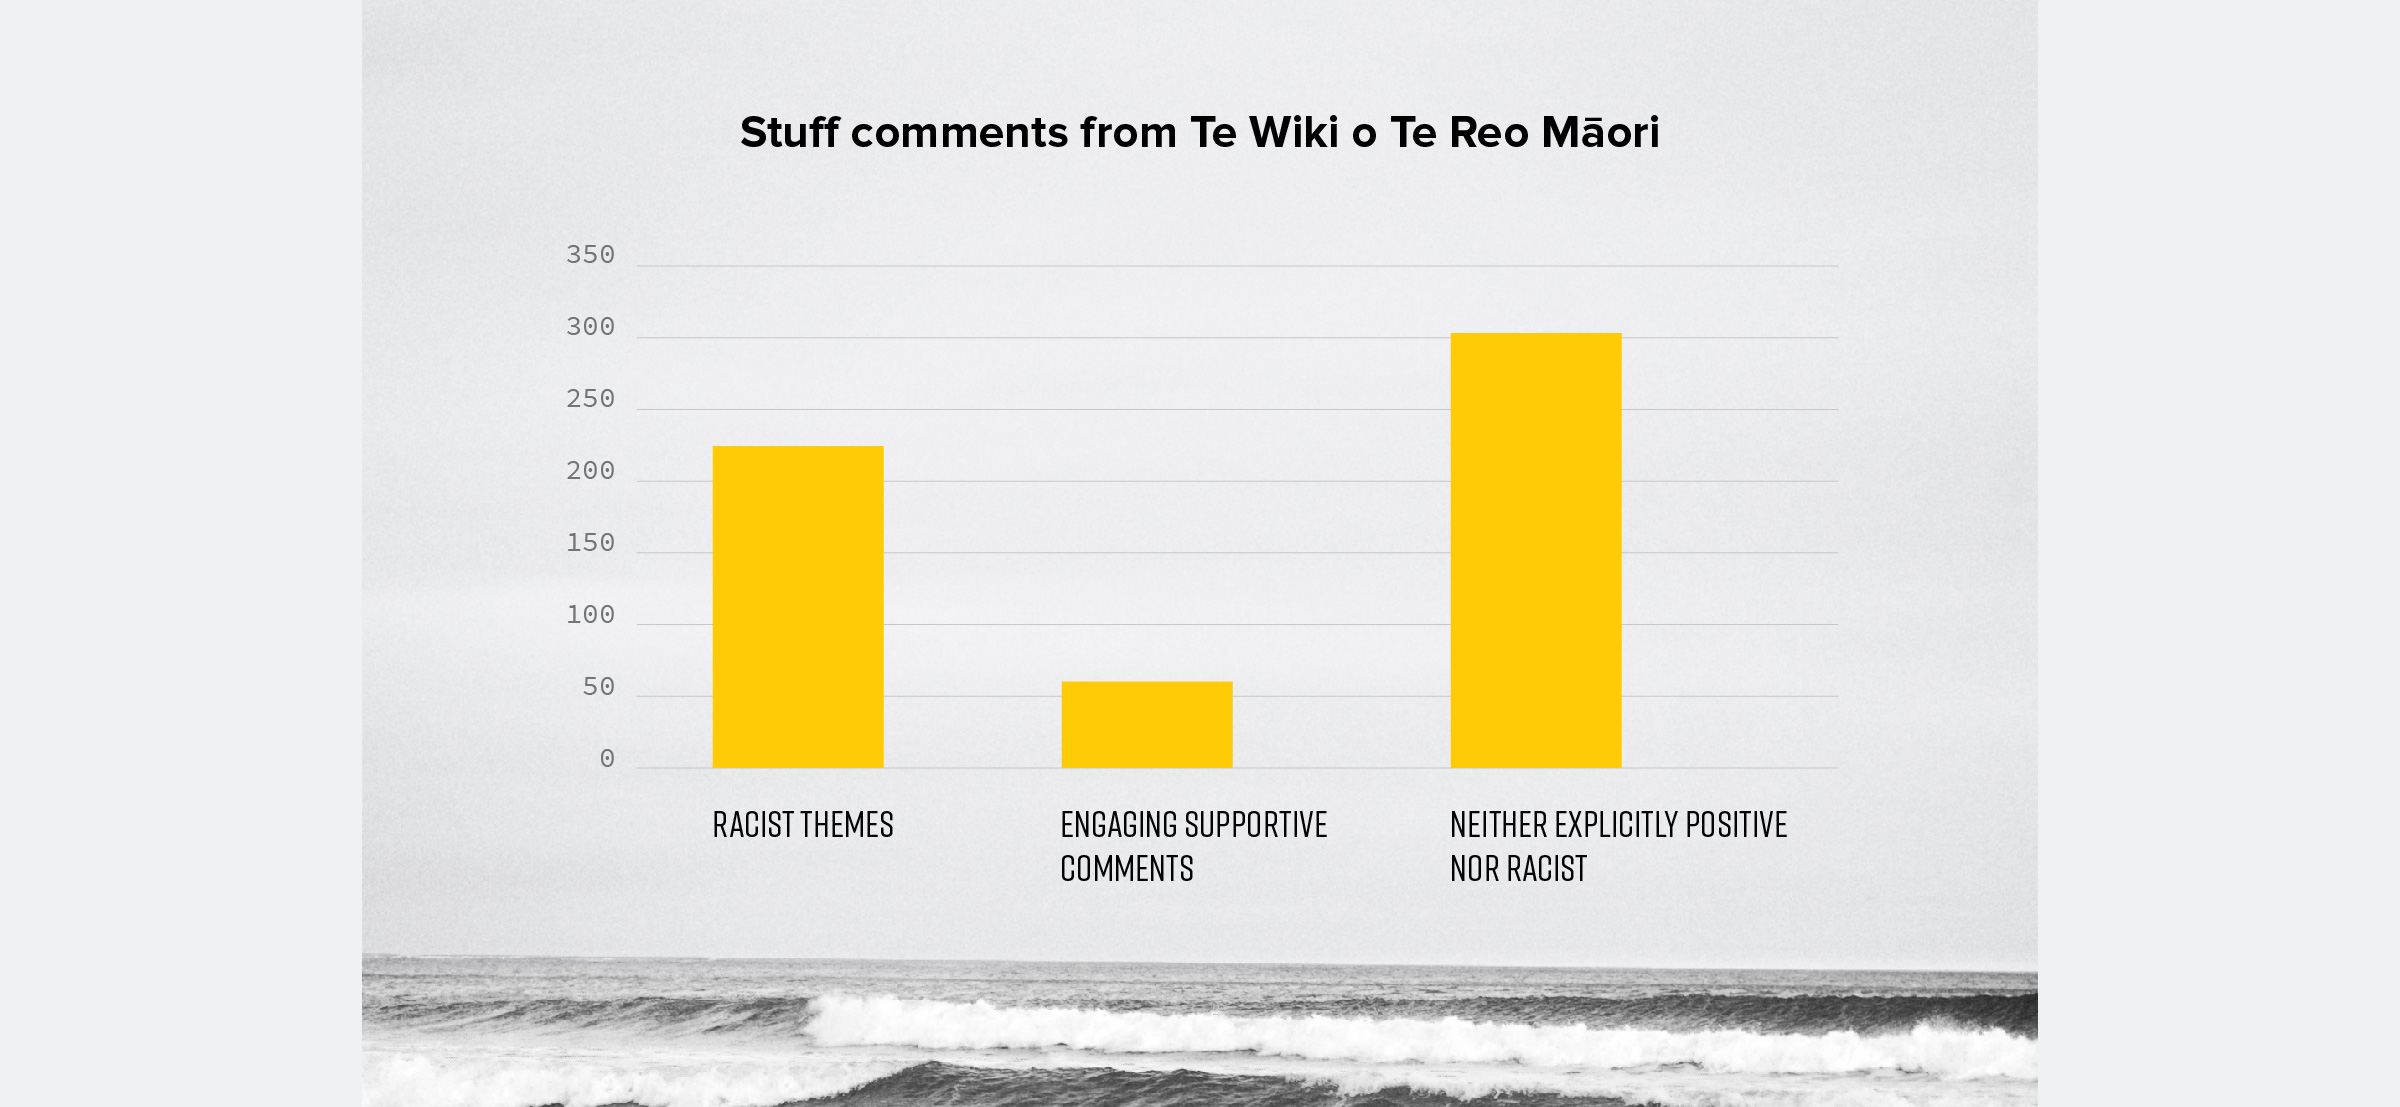 Stuff comments from Te Wiki o Te Reo Maori